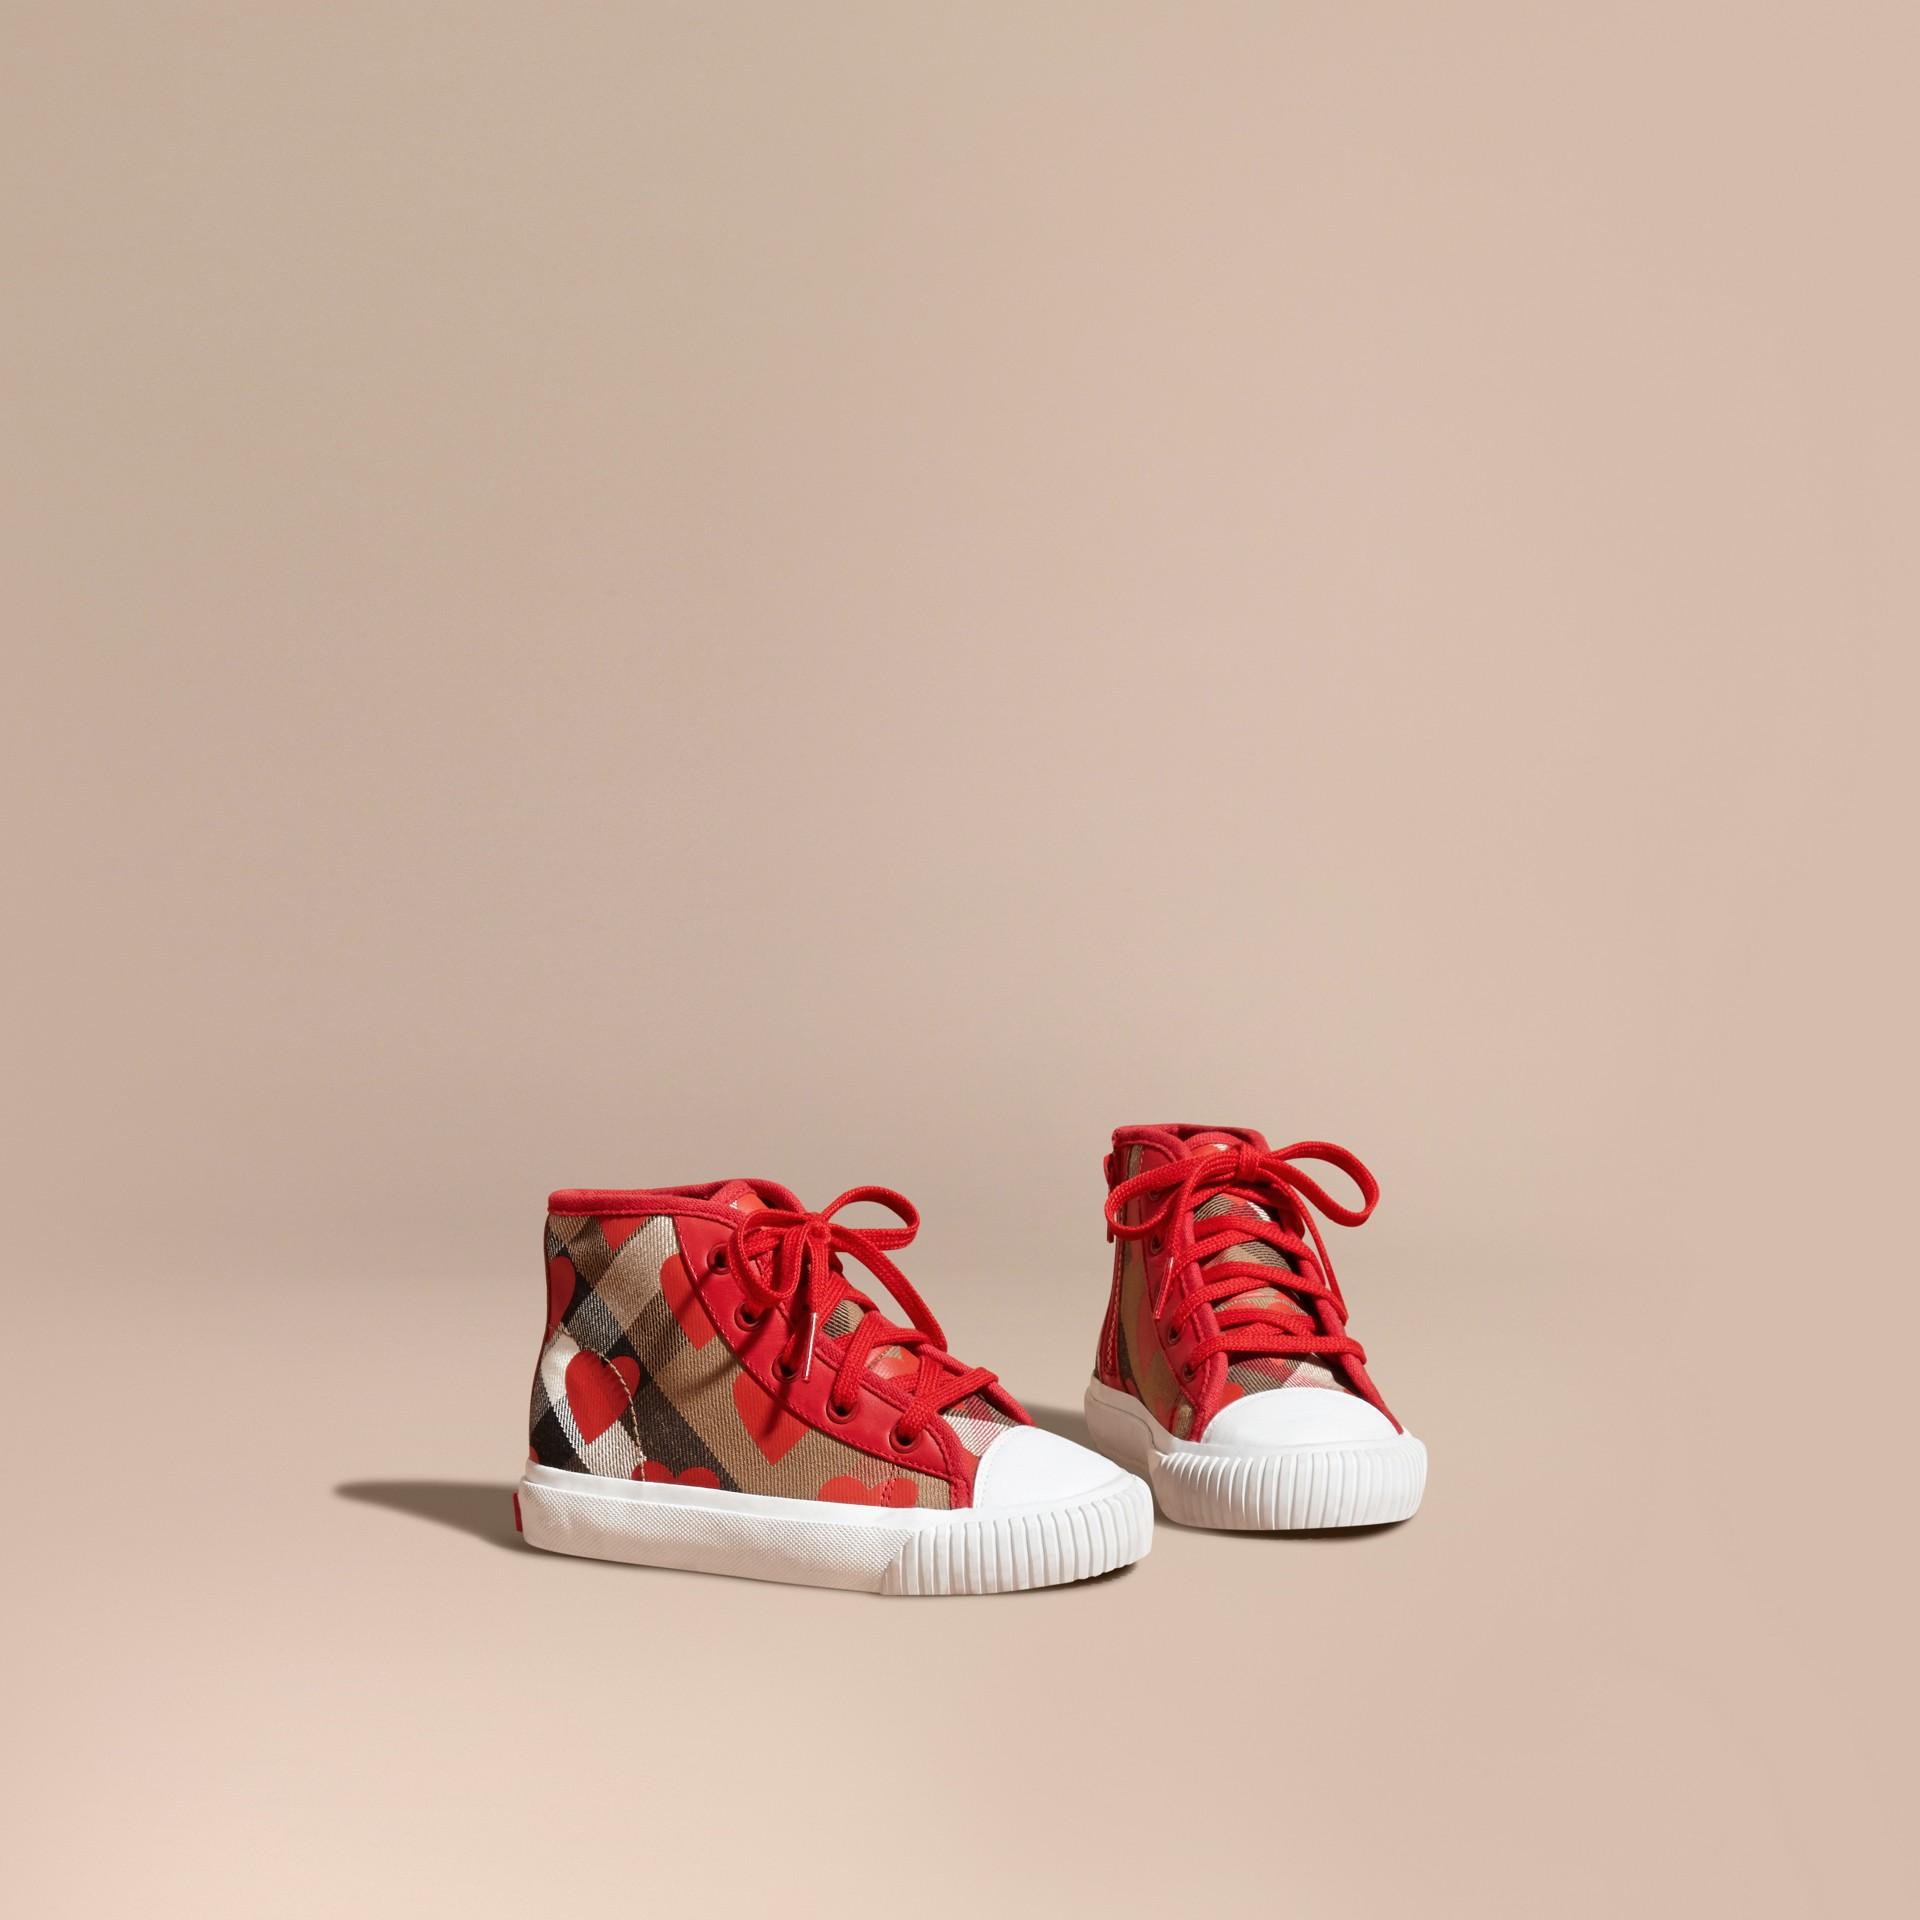 Rosso militare Sneaker alte con motivo check, stampa a pois e finiture in pelle Rosso Militare - immagine della galleria 1